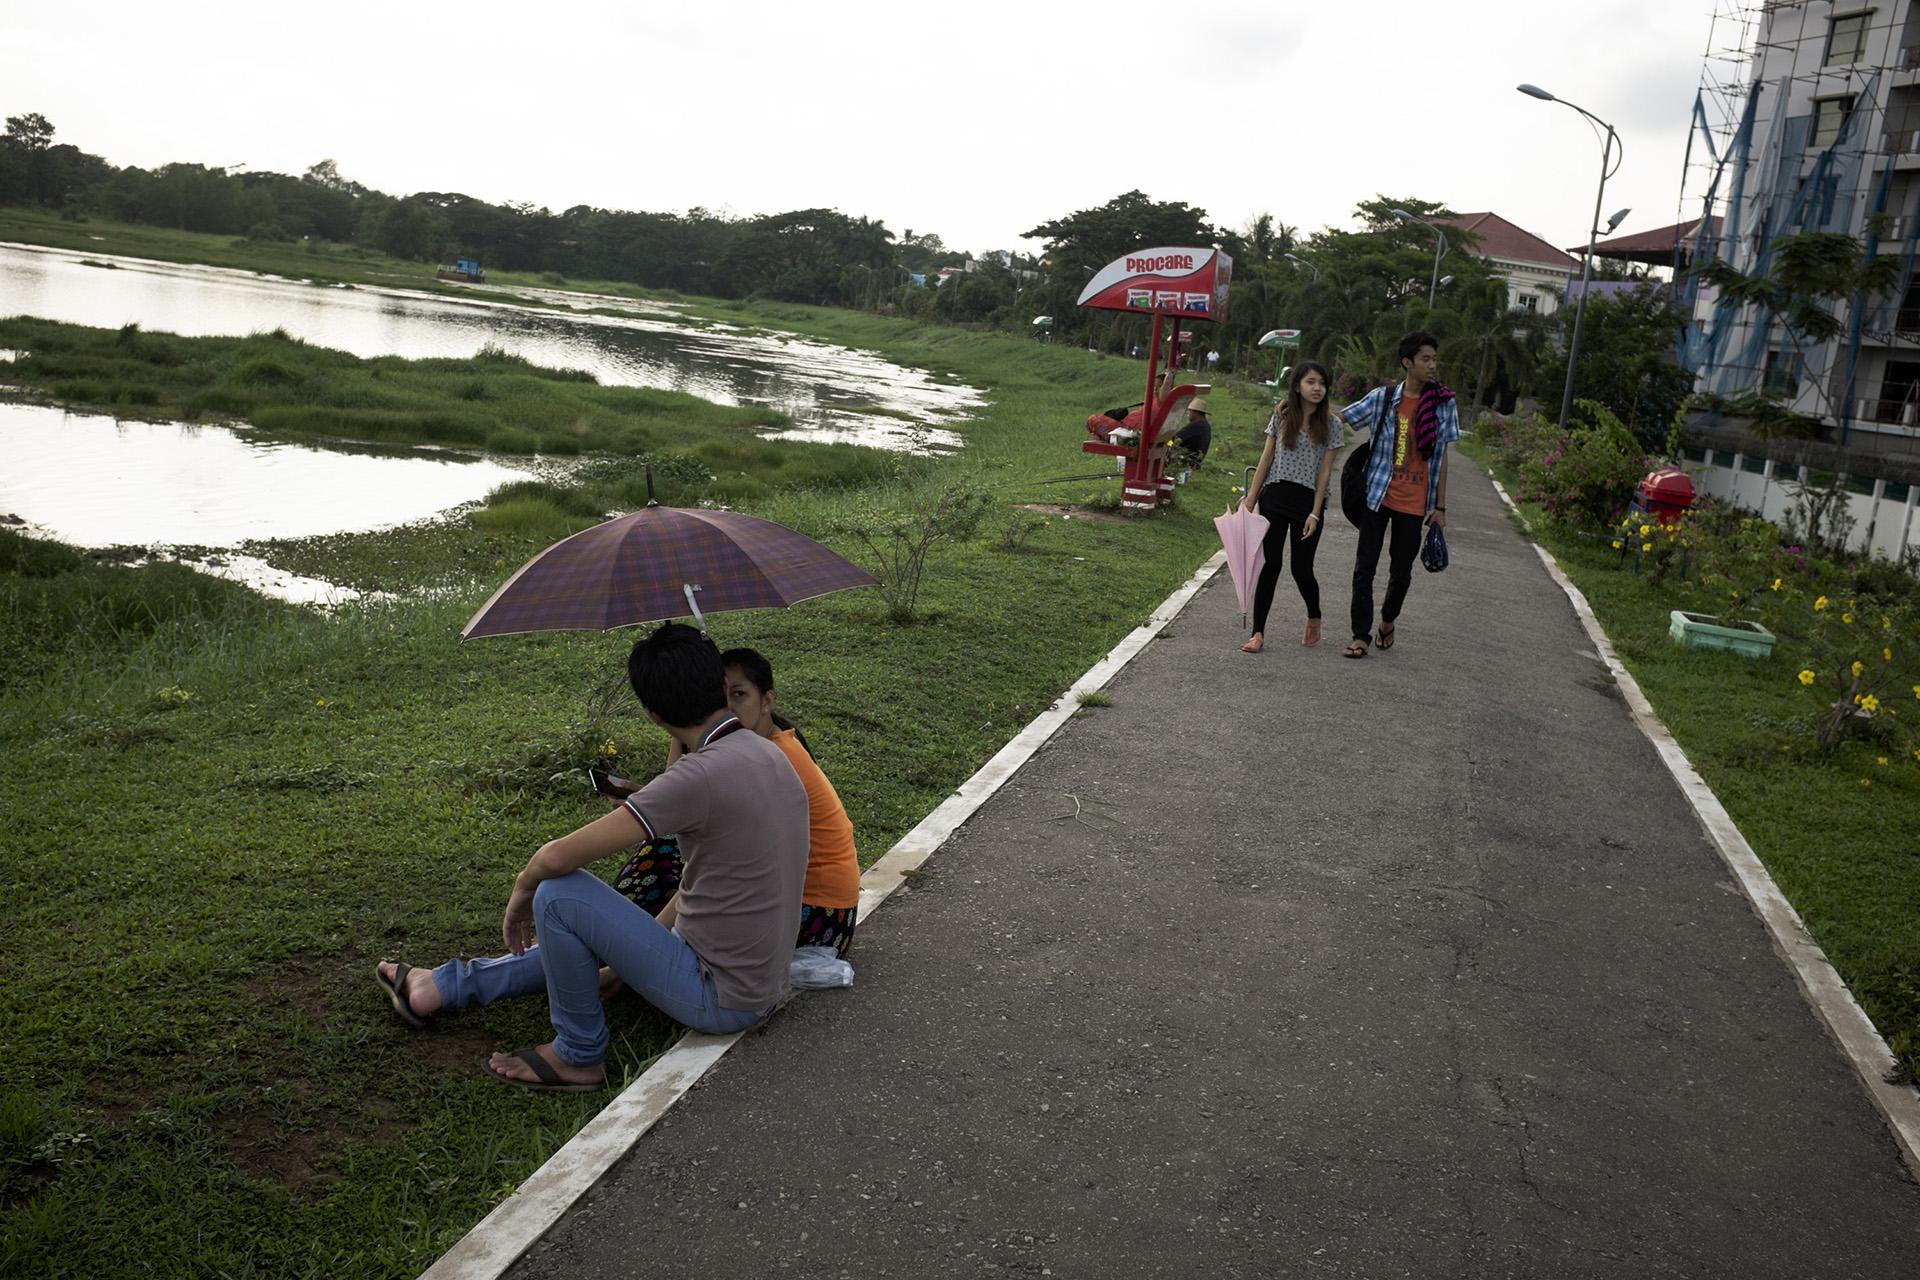 Retour à Rangoun sur le lac Inya. Ce lac situé à l'intérieur de la ville est un des lieux de rencontre fétiches pour les jeunes couples. Malgré l'ouverture sur l'extérieur, les mentalités changent doucement dans le pays et il est difficile d'assumer une relation avant le mariage. Birmanie, Mai 2015.